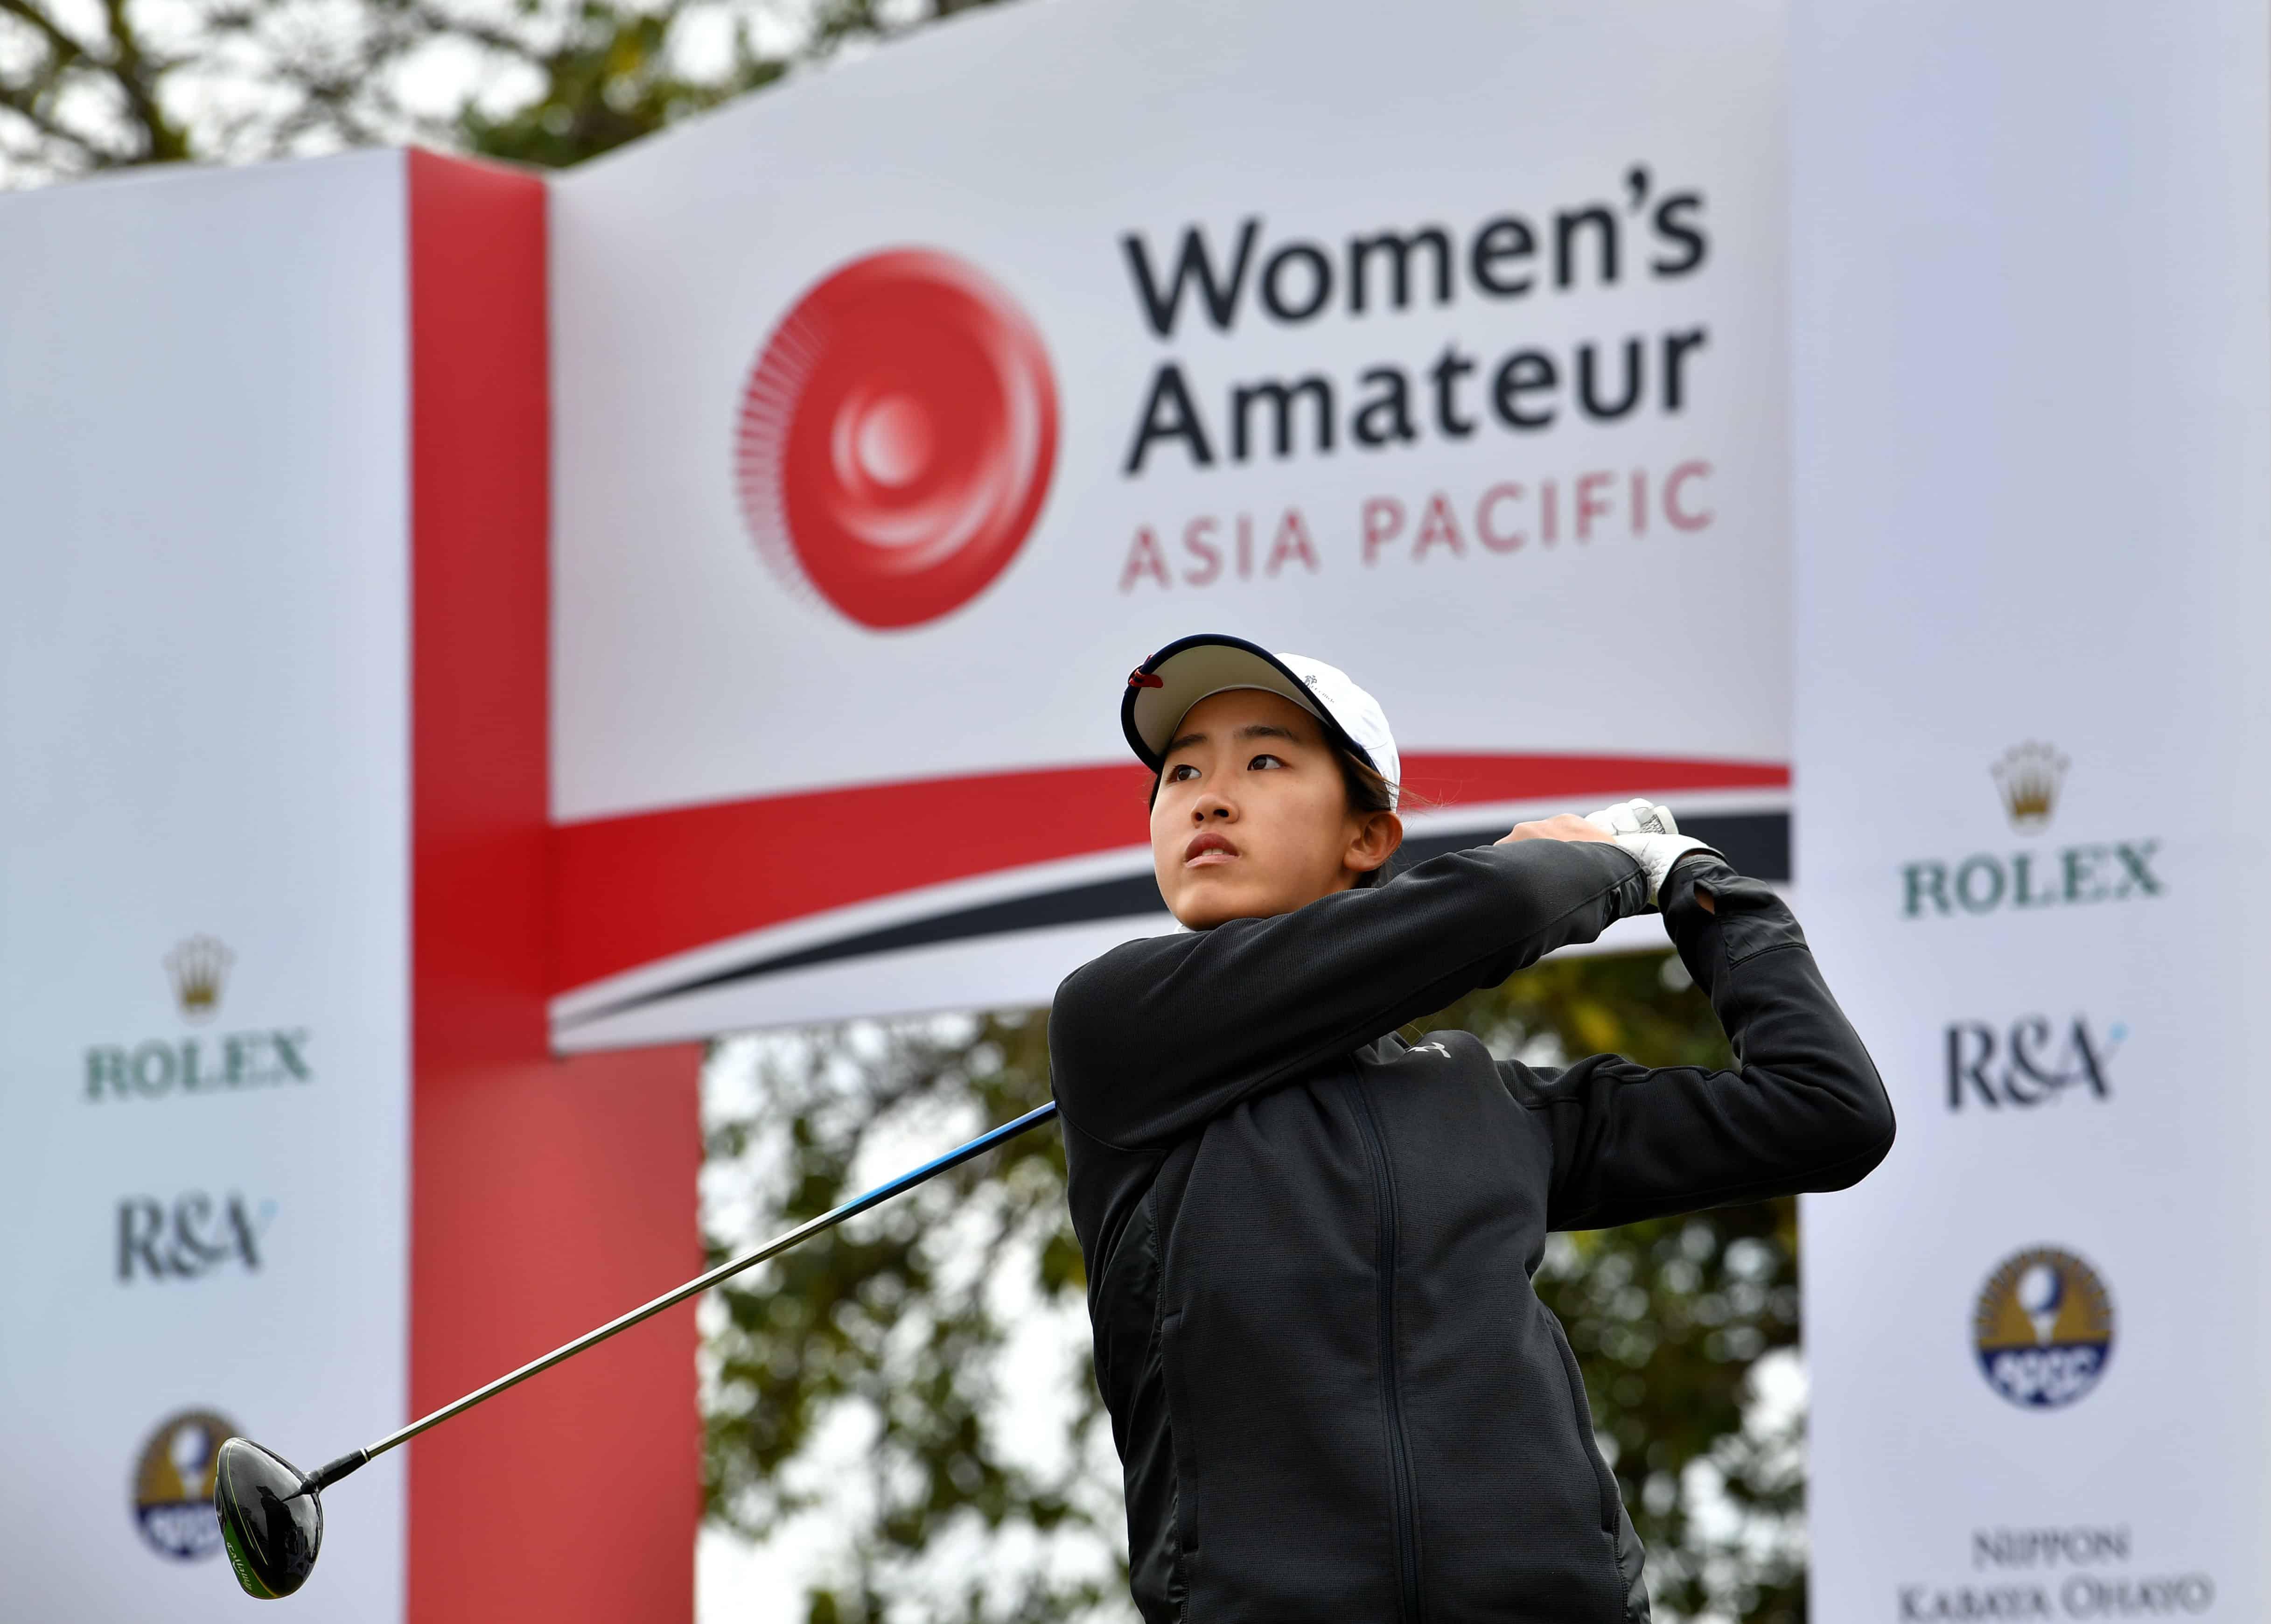 Women's Amateur Asia-Pacific